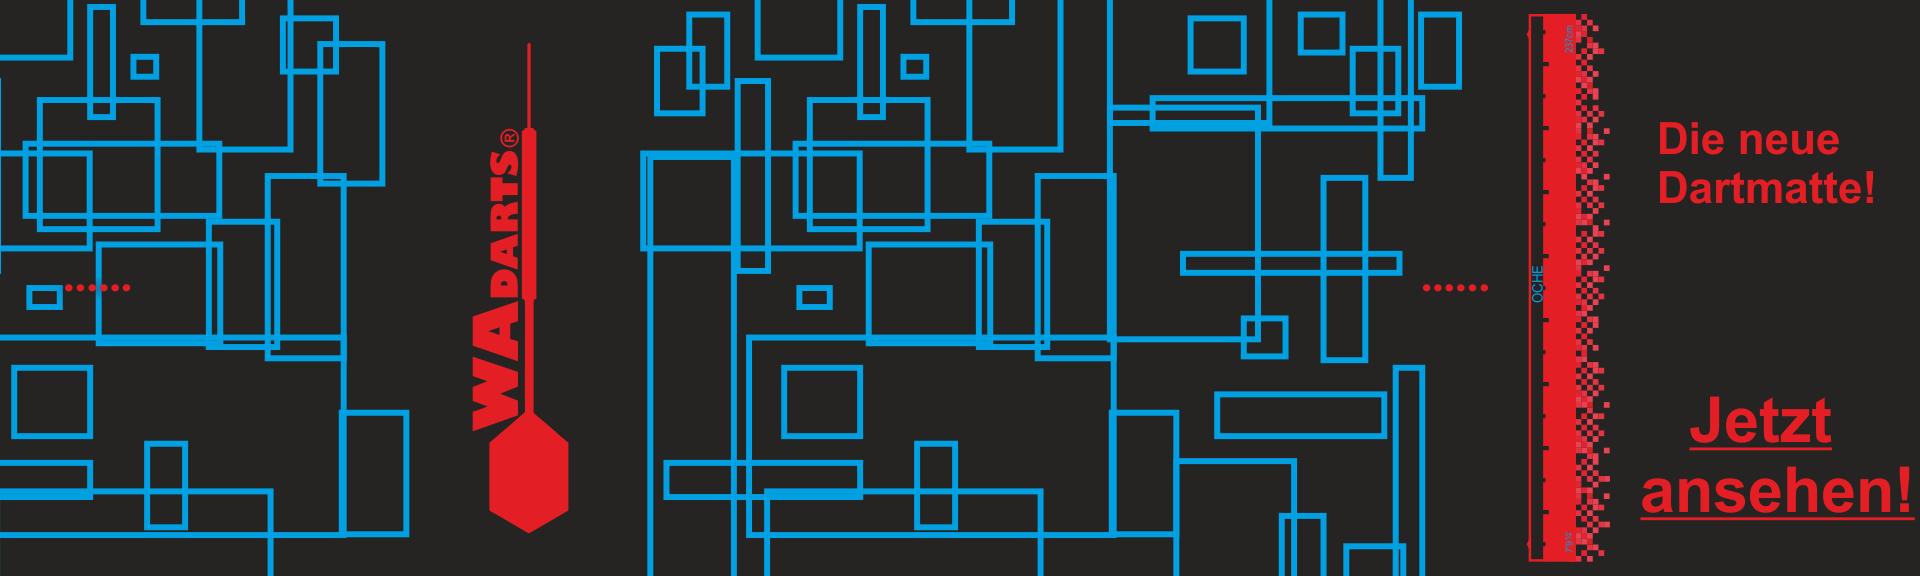 Dartmatte Matrix von WADARTS